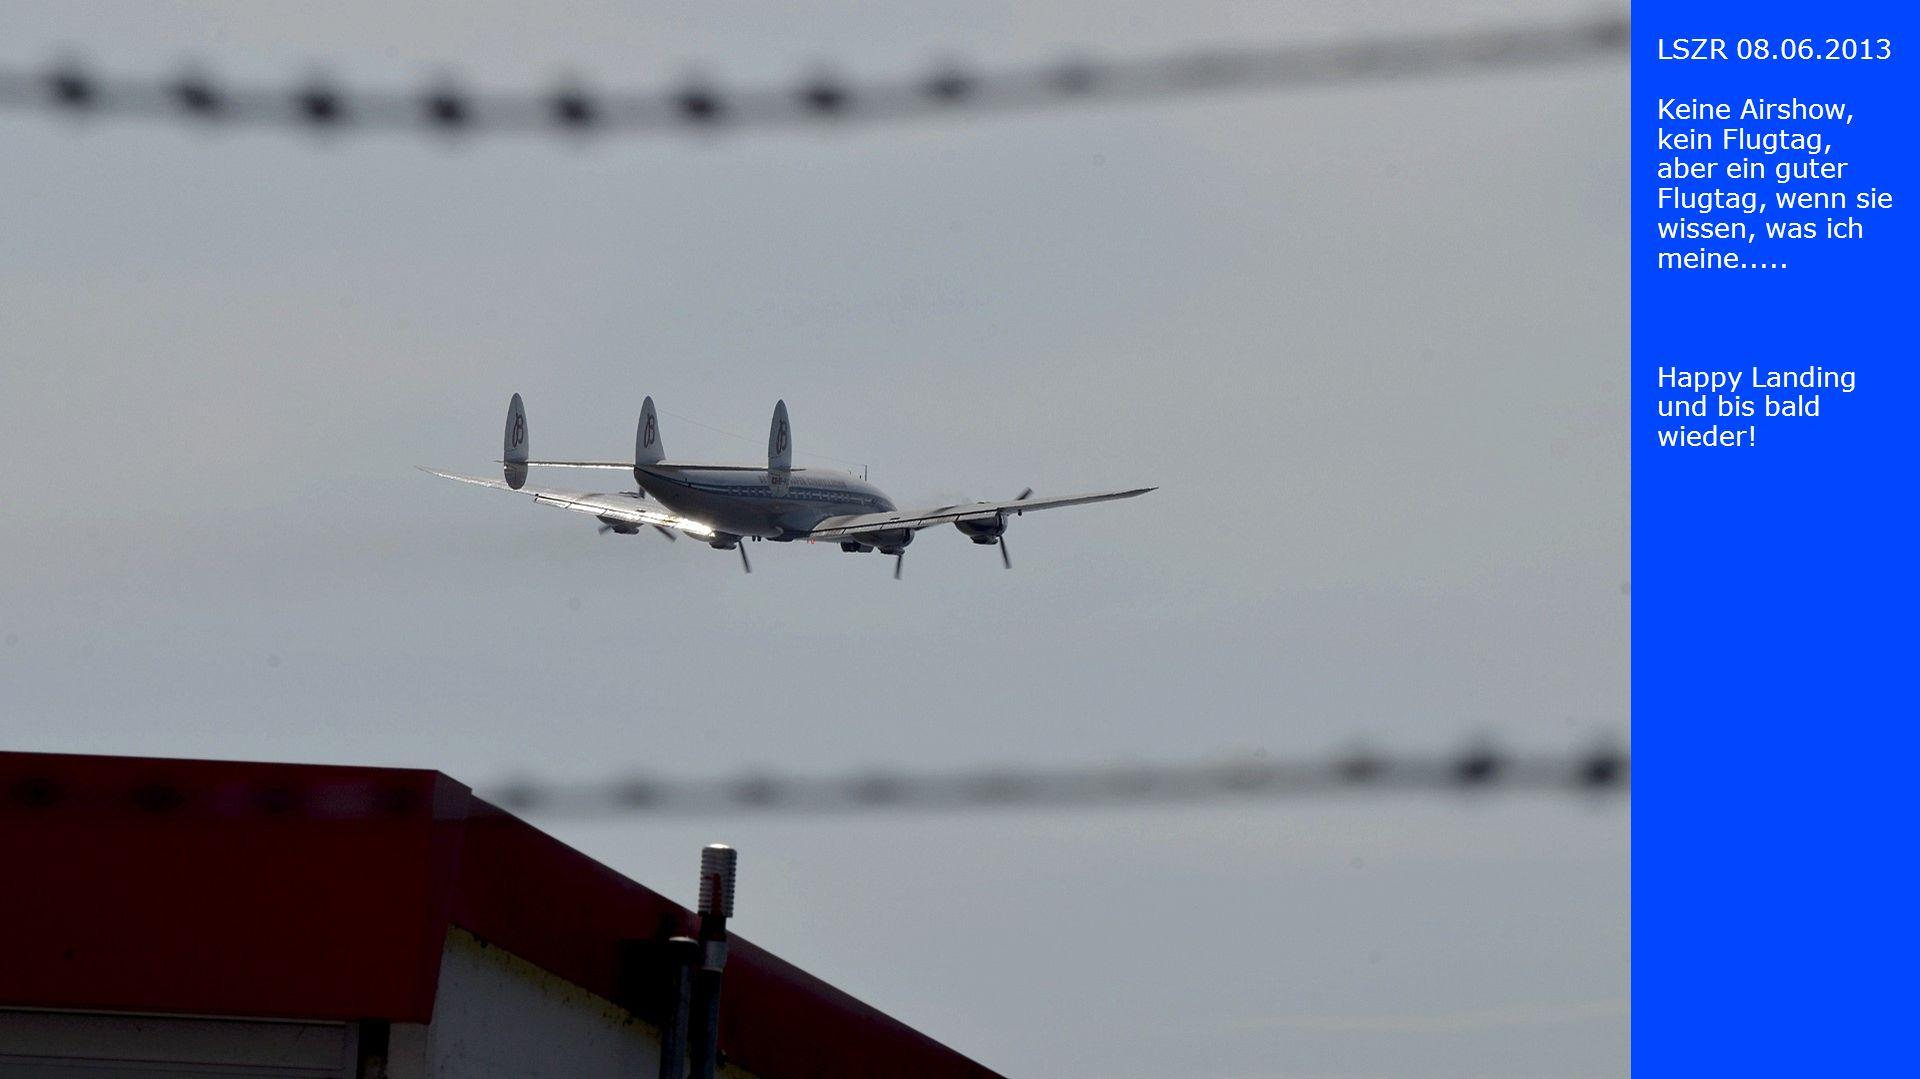 LSZR 08.06.2013 Keine Airshow, kein Flugtag, aber ein guter Flugtag, wenn sie wissen, was ich meine..... Happy Landing und bis bald wieder!